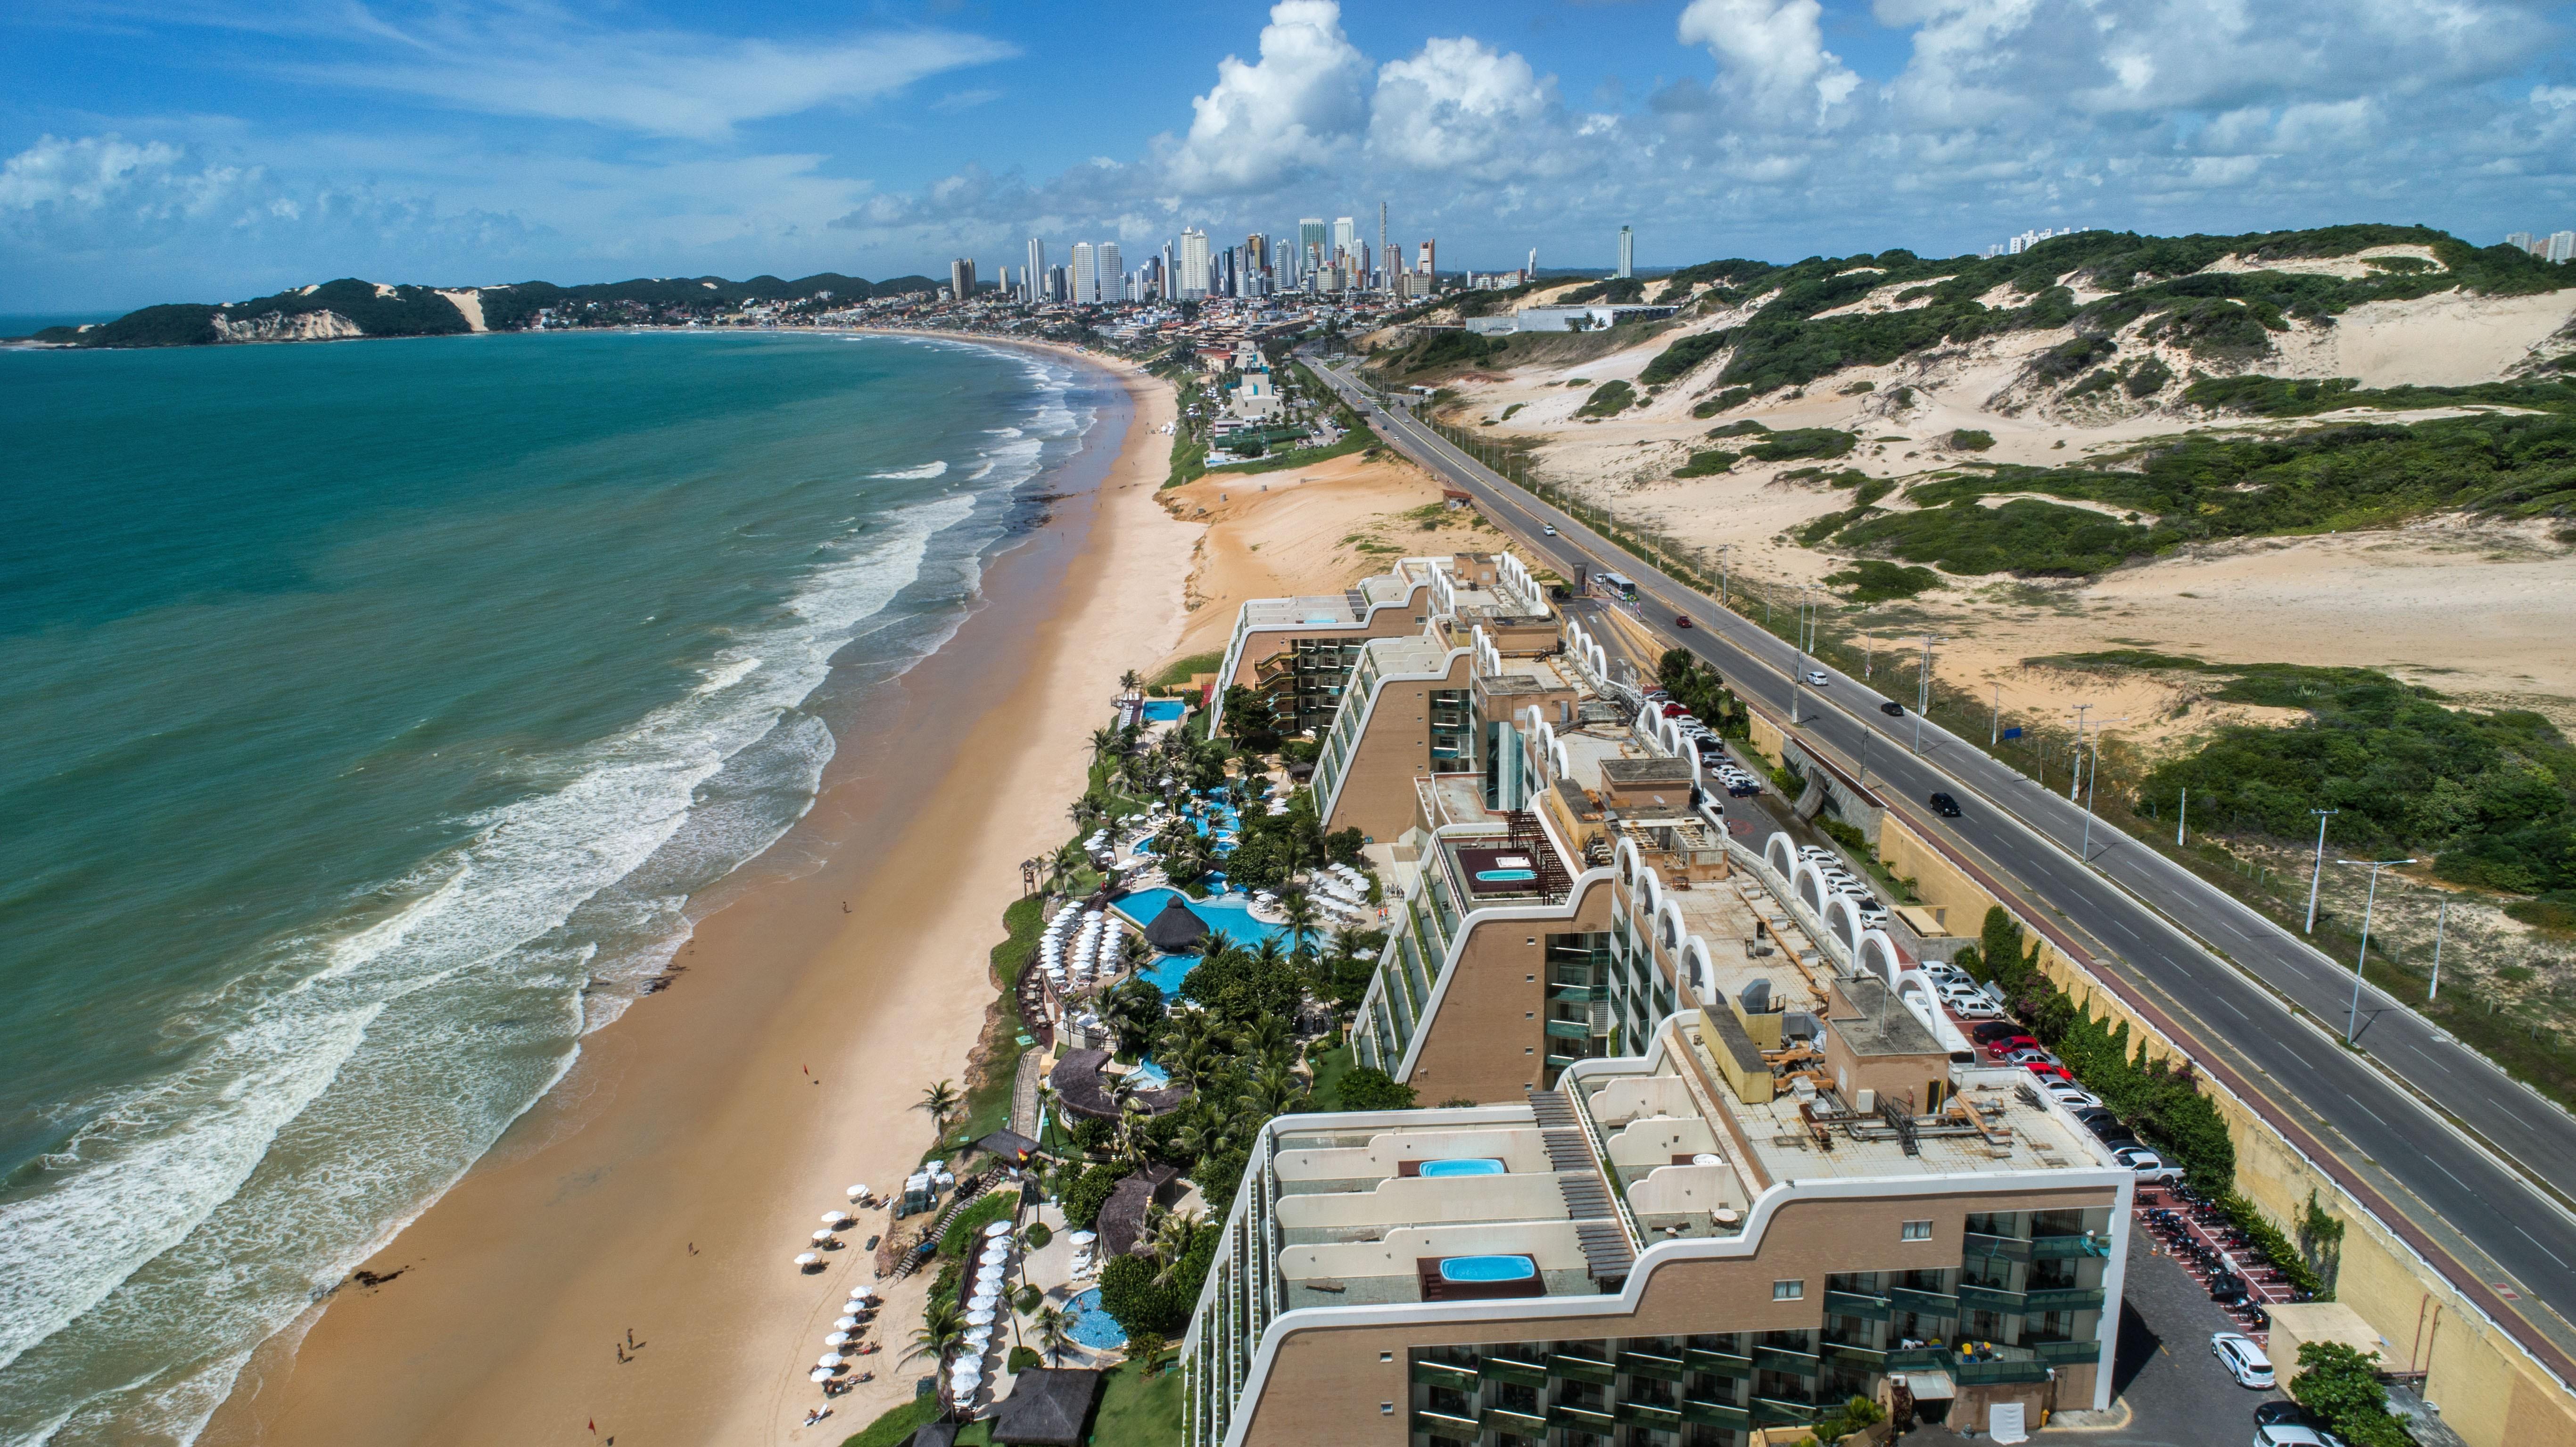 Com reforço em segurança sanitária, hotéis reabrem nos maiores destinos turísticos do RN, diz associação